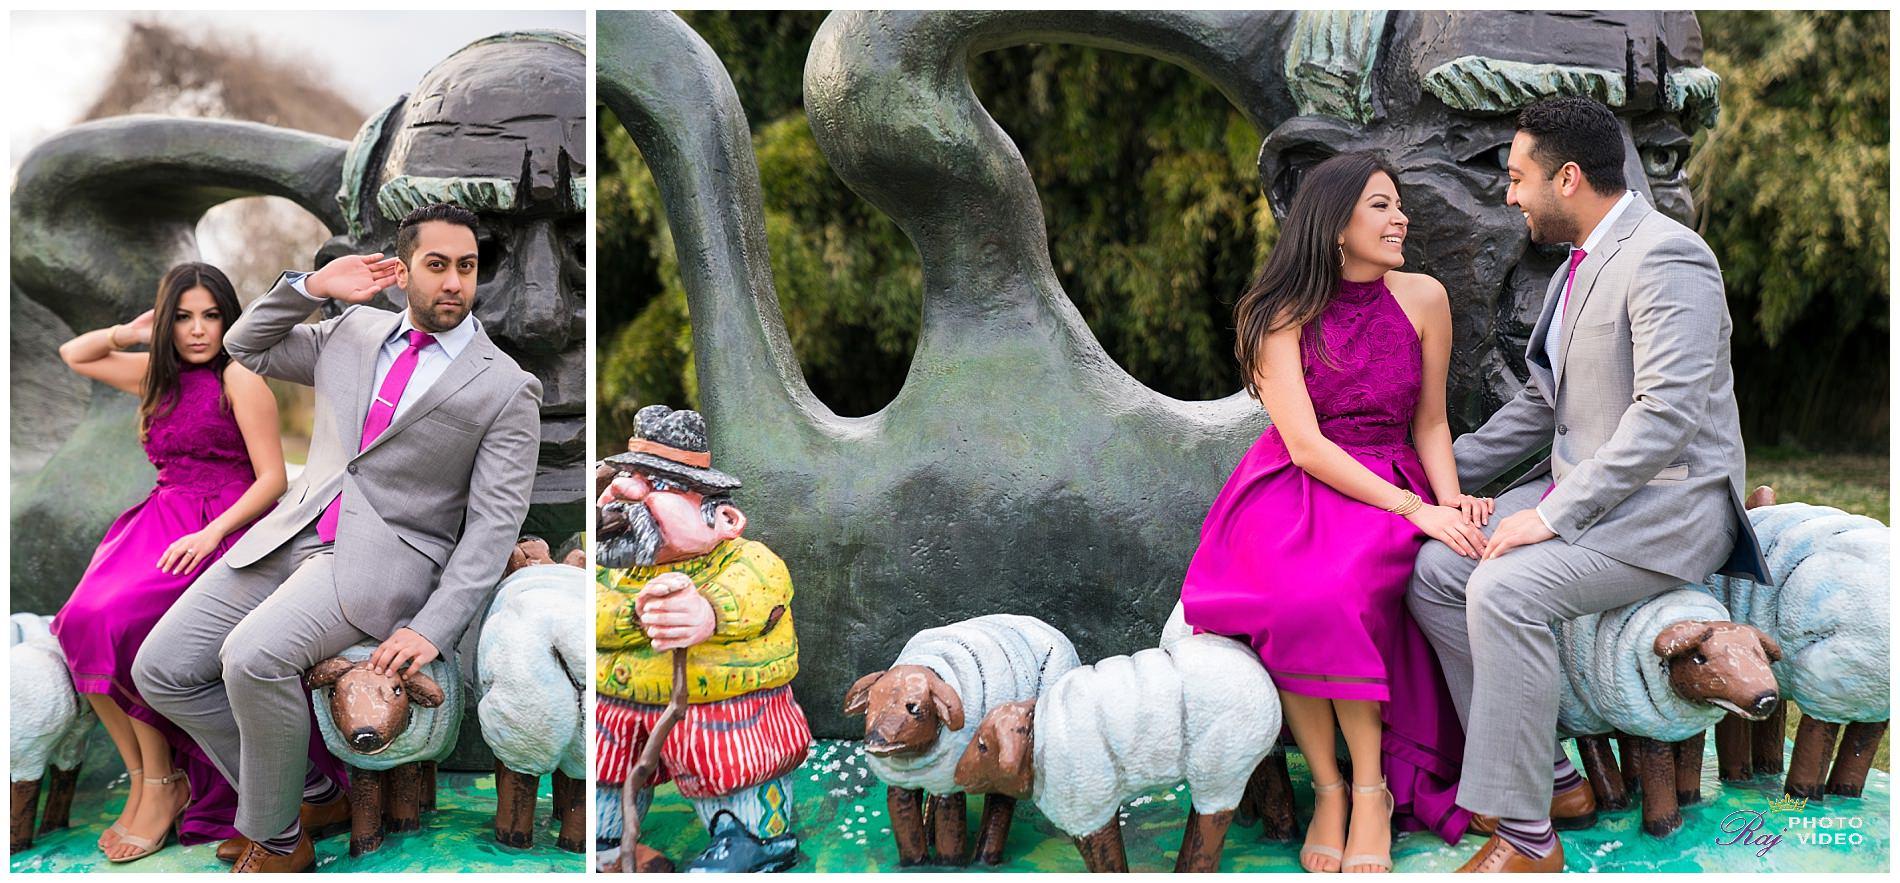 Grounds-for-Sculpture-Hamilton-NJ-Engagement-Shoot-Khushboo-Ruben-00015.jpg